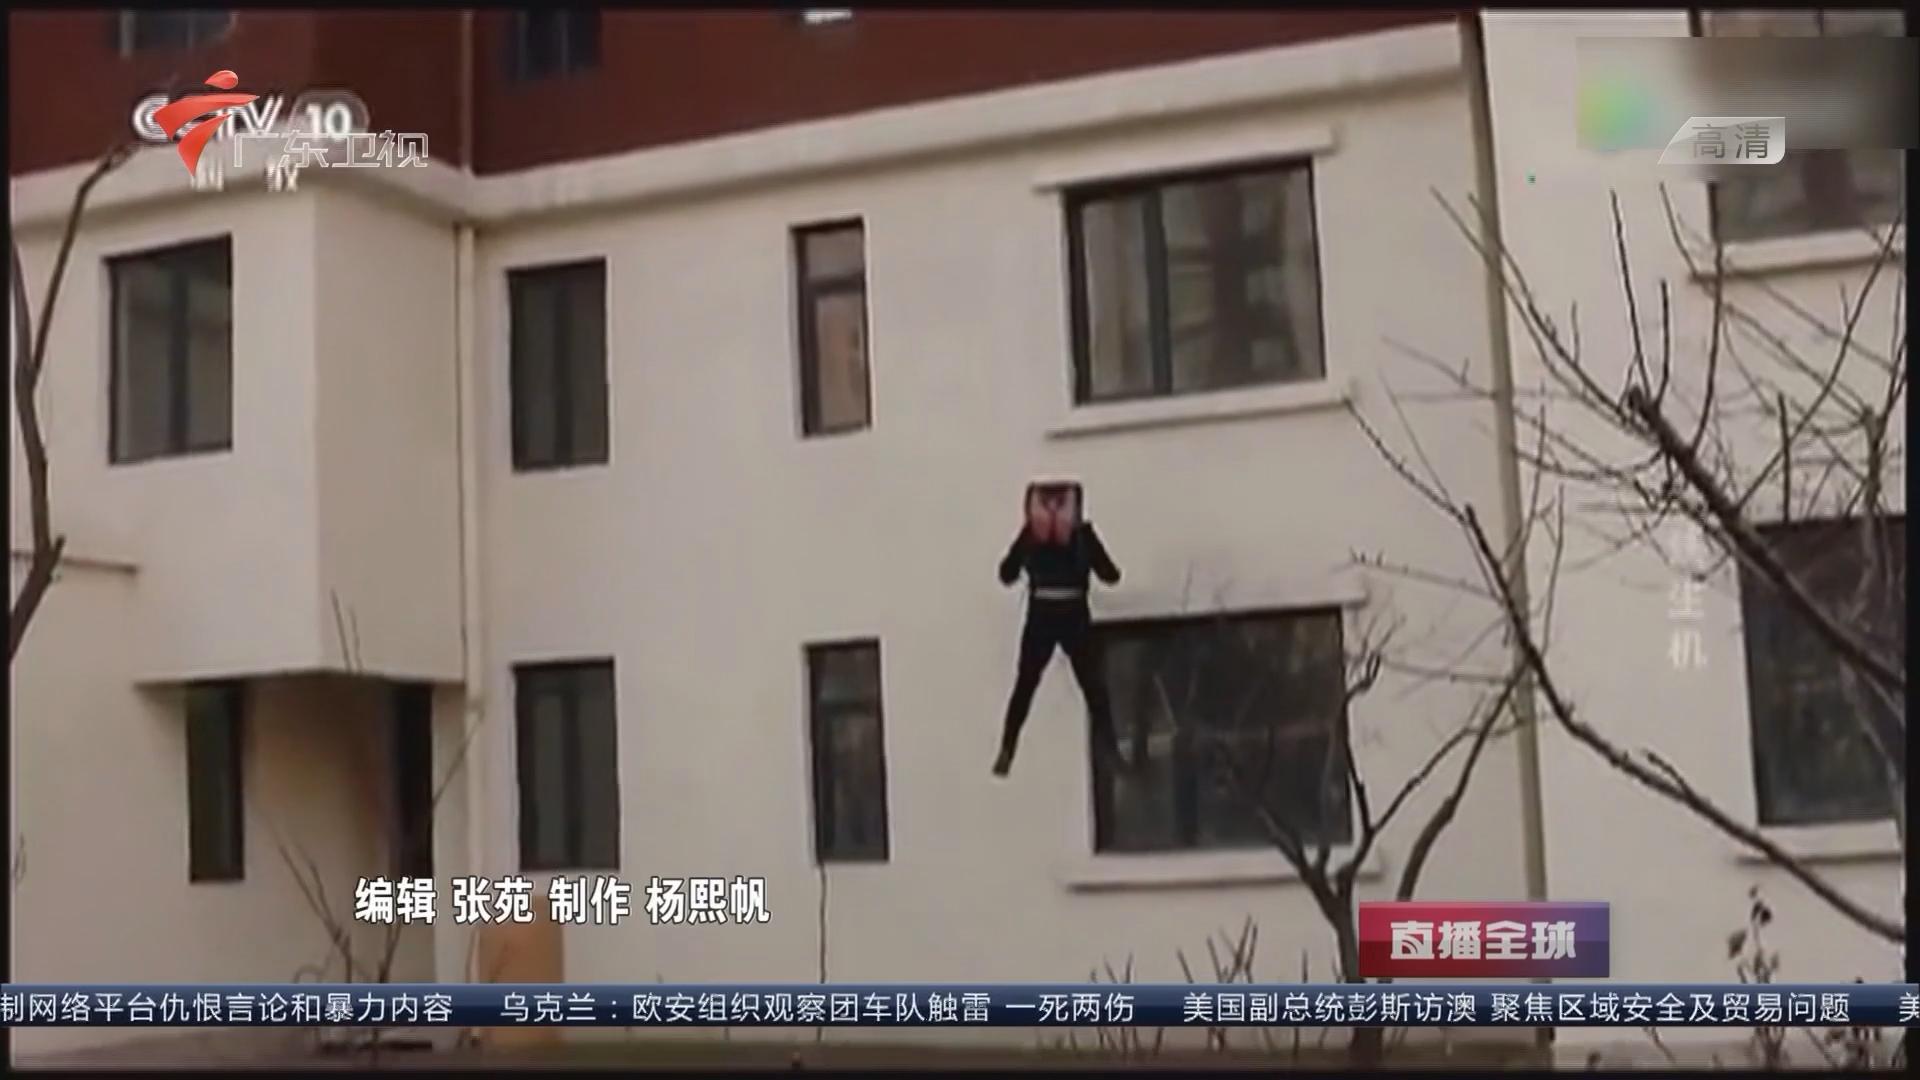 高层住户遇火情可跳窗逃生?操作简单 最高26楼住户可使用